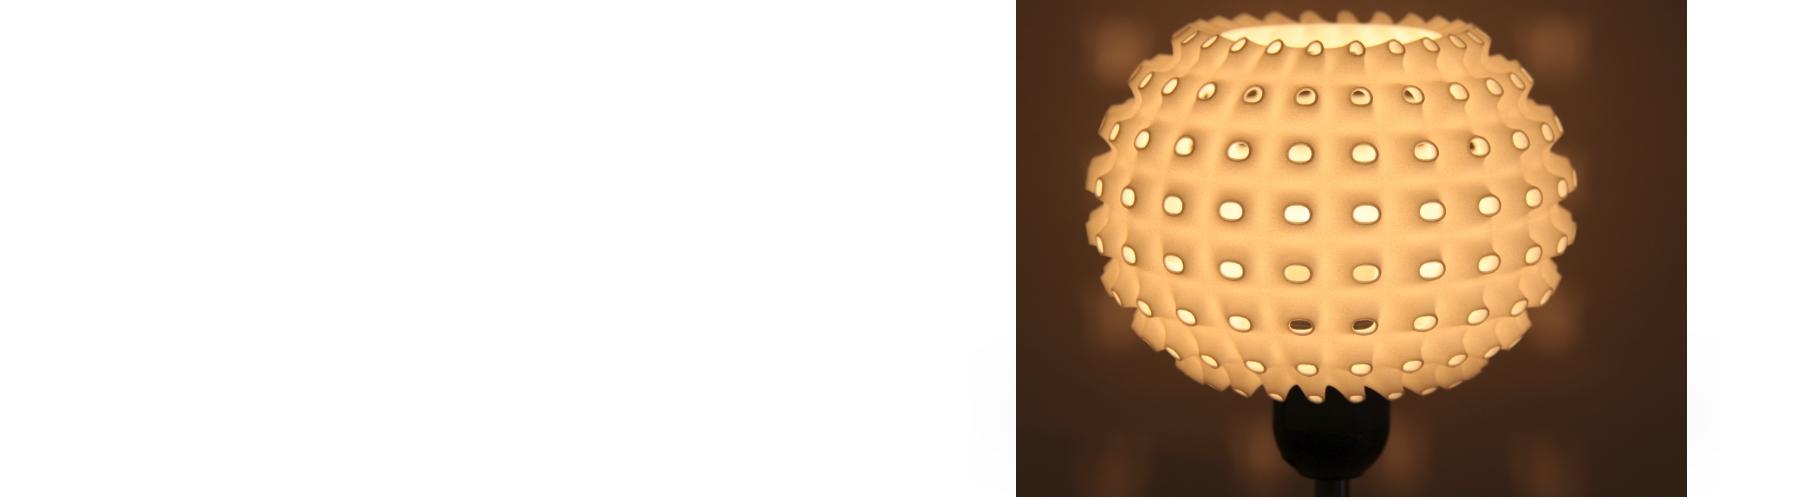 PMMA: Das Licht aus dem 3D-Drucker